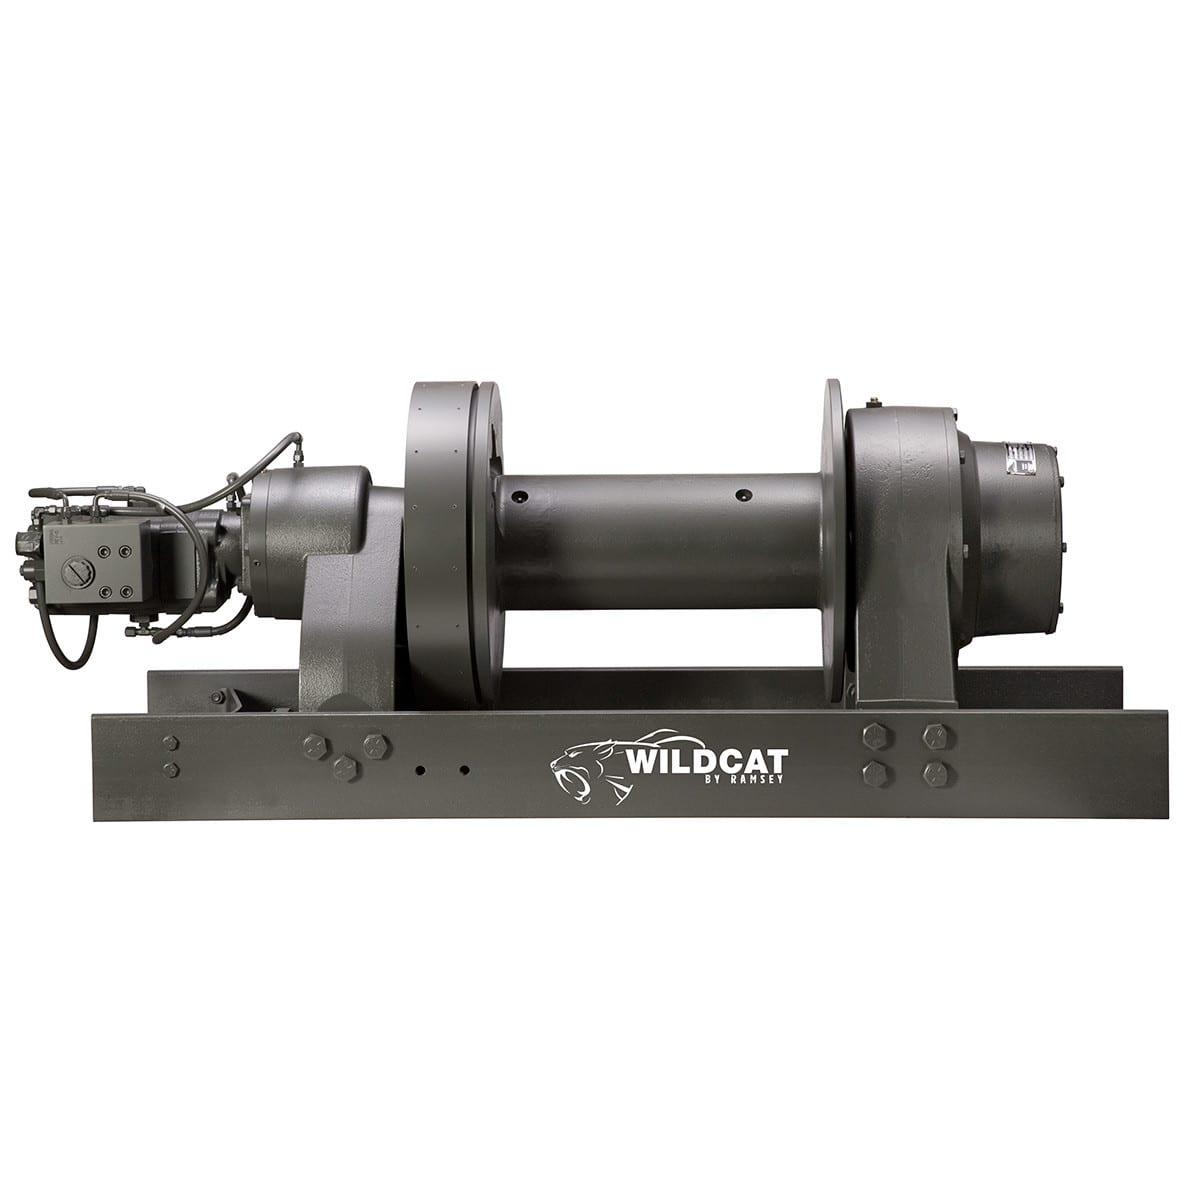 WILDCAT-80K